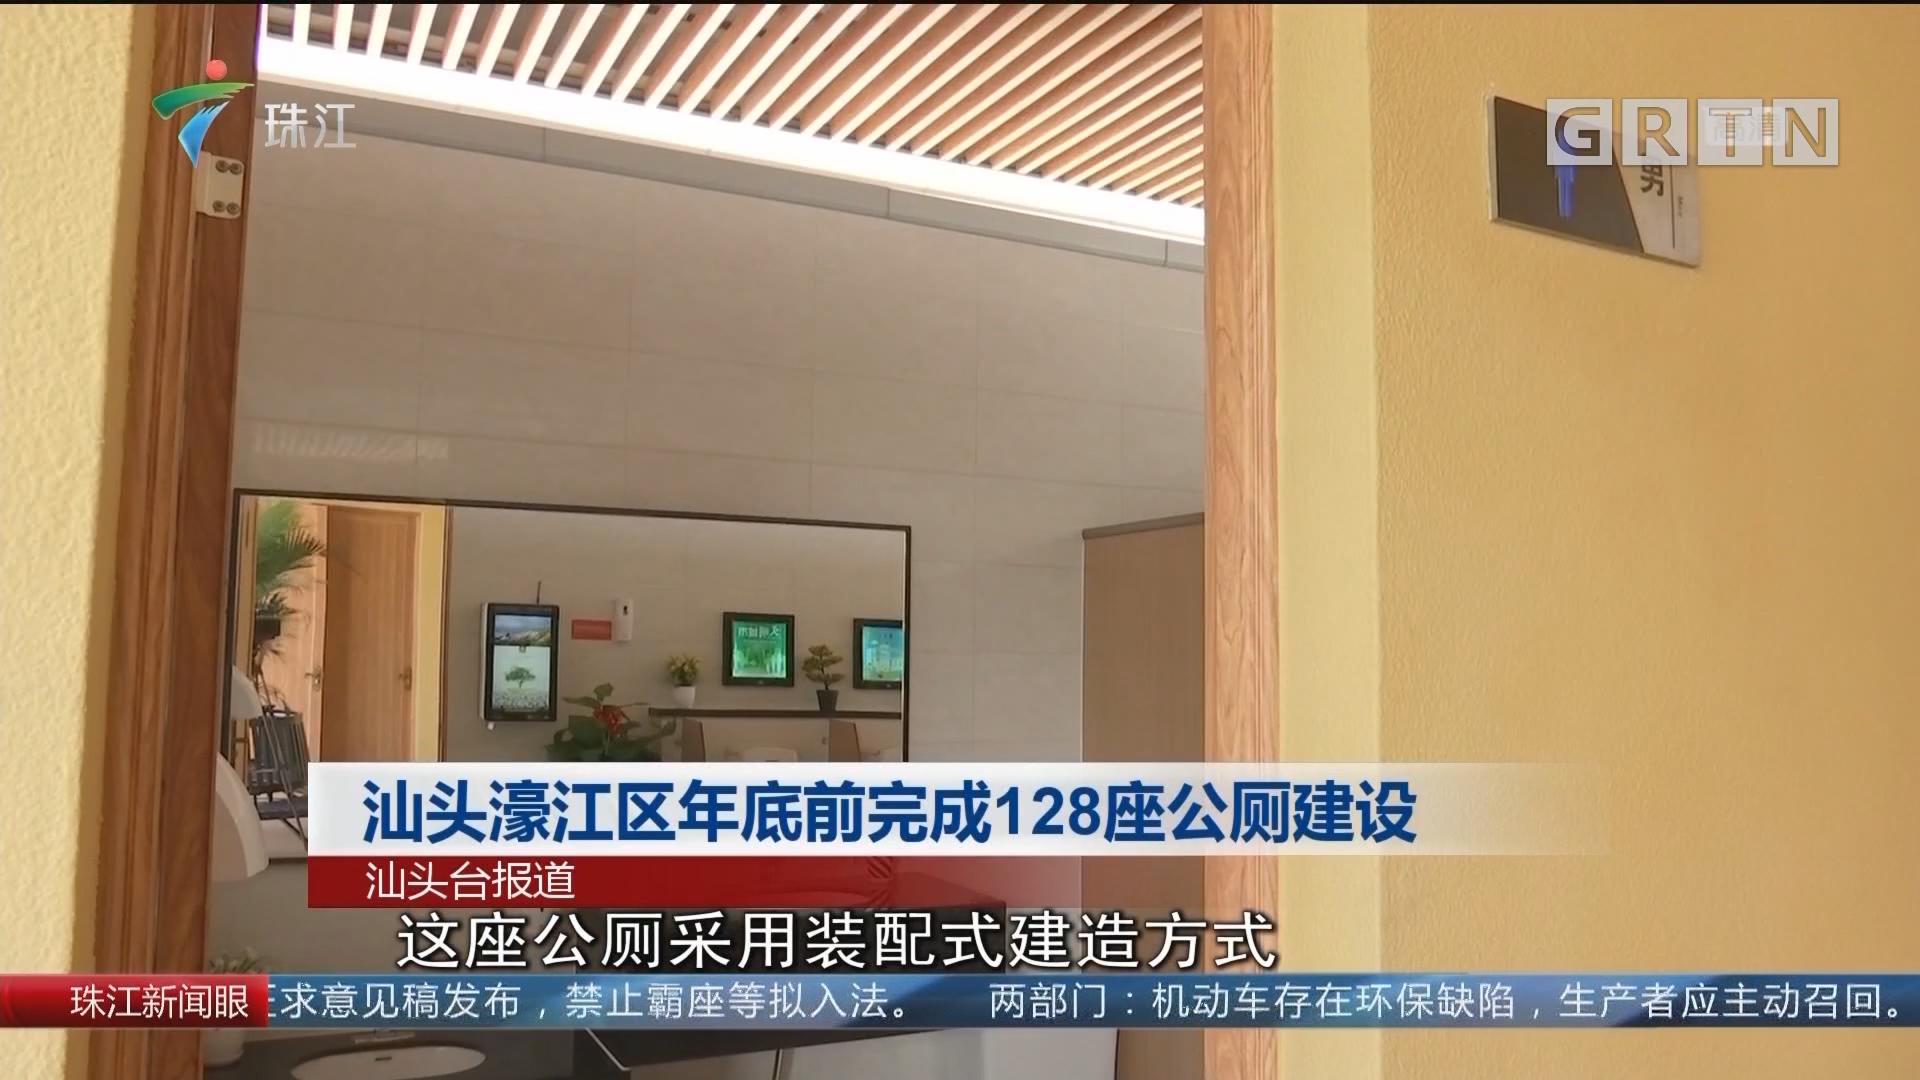 汕头濠江区年底前完成128座公厕建设